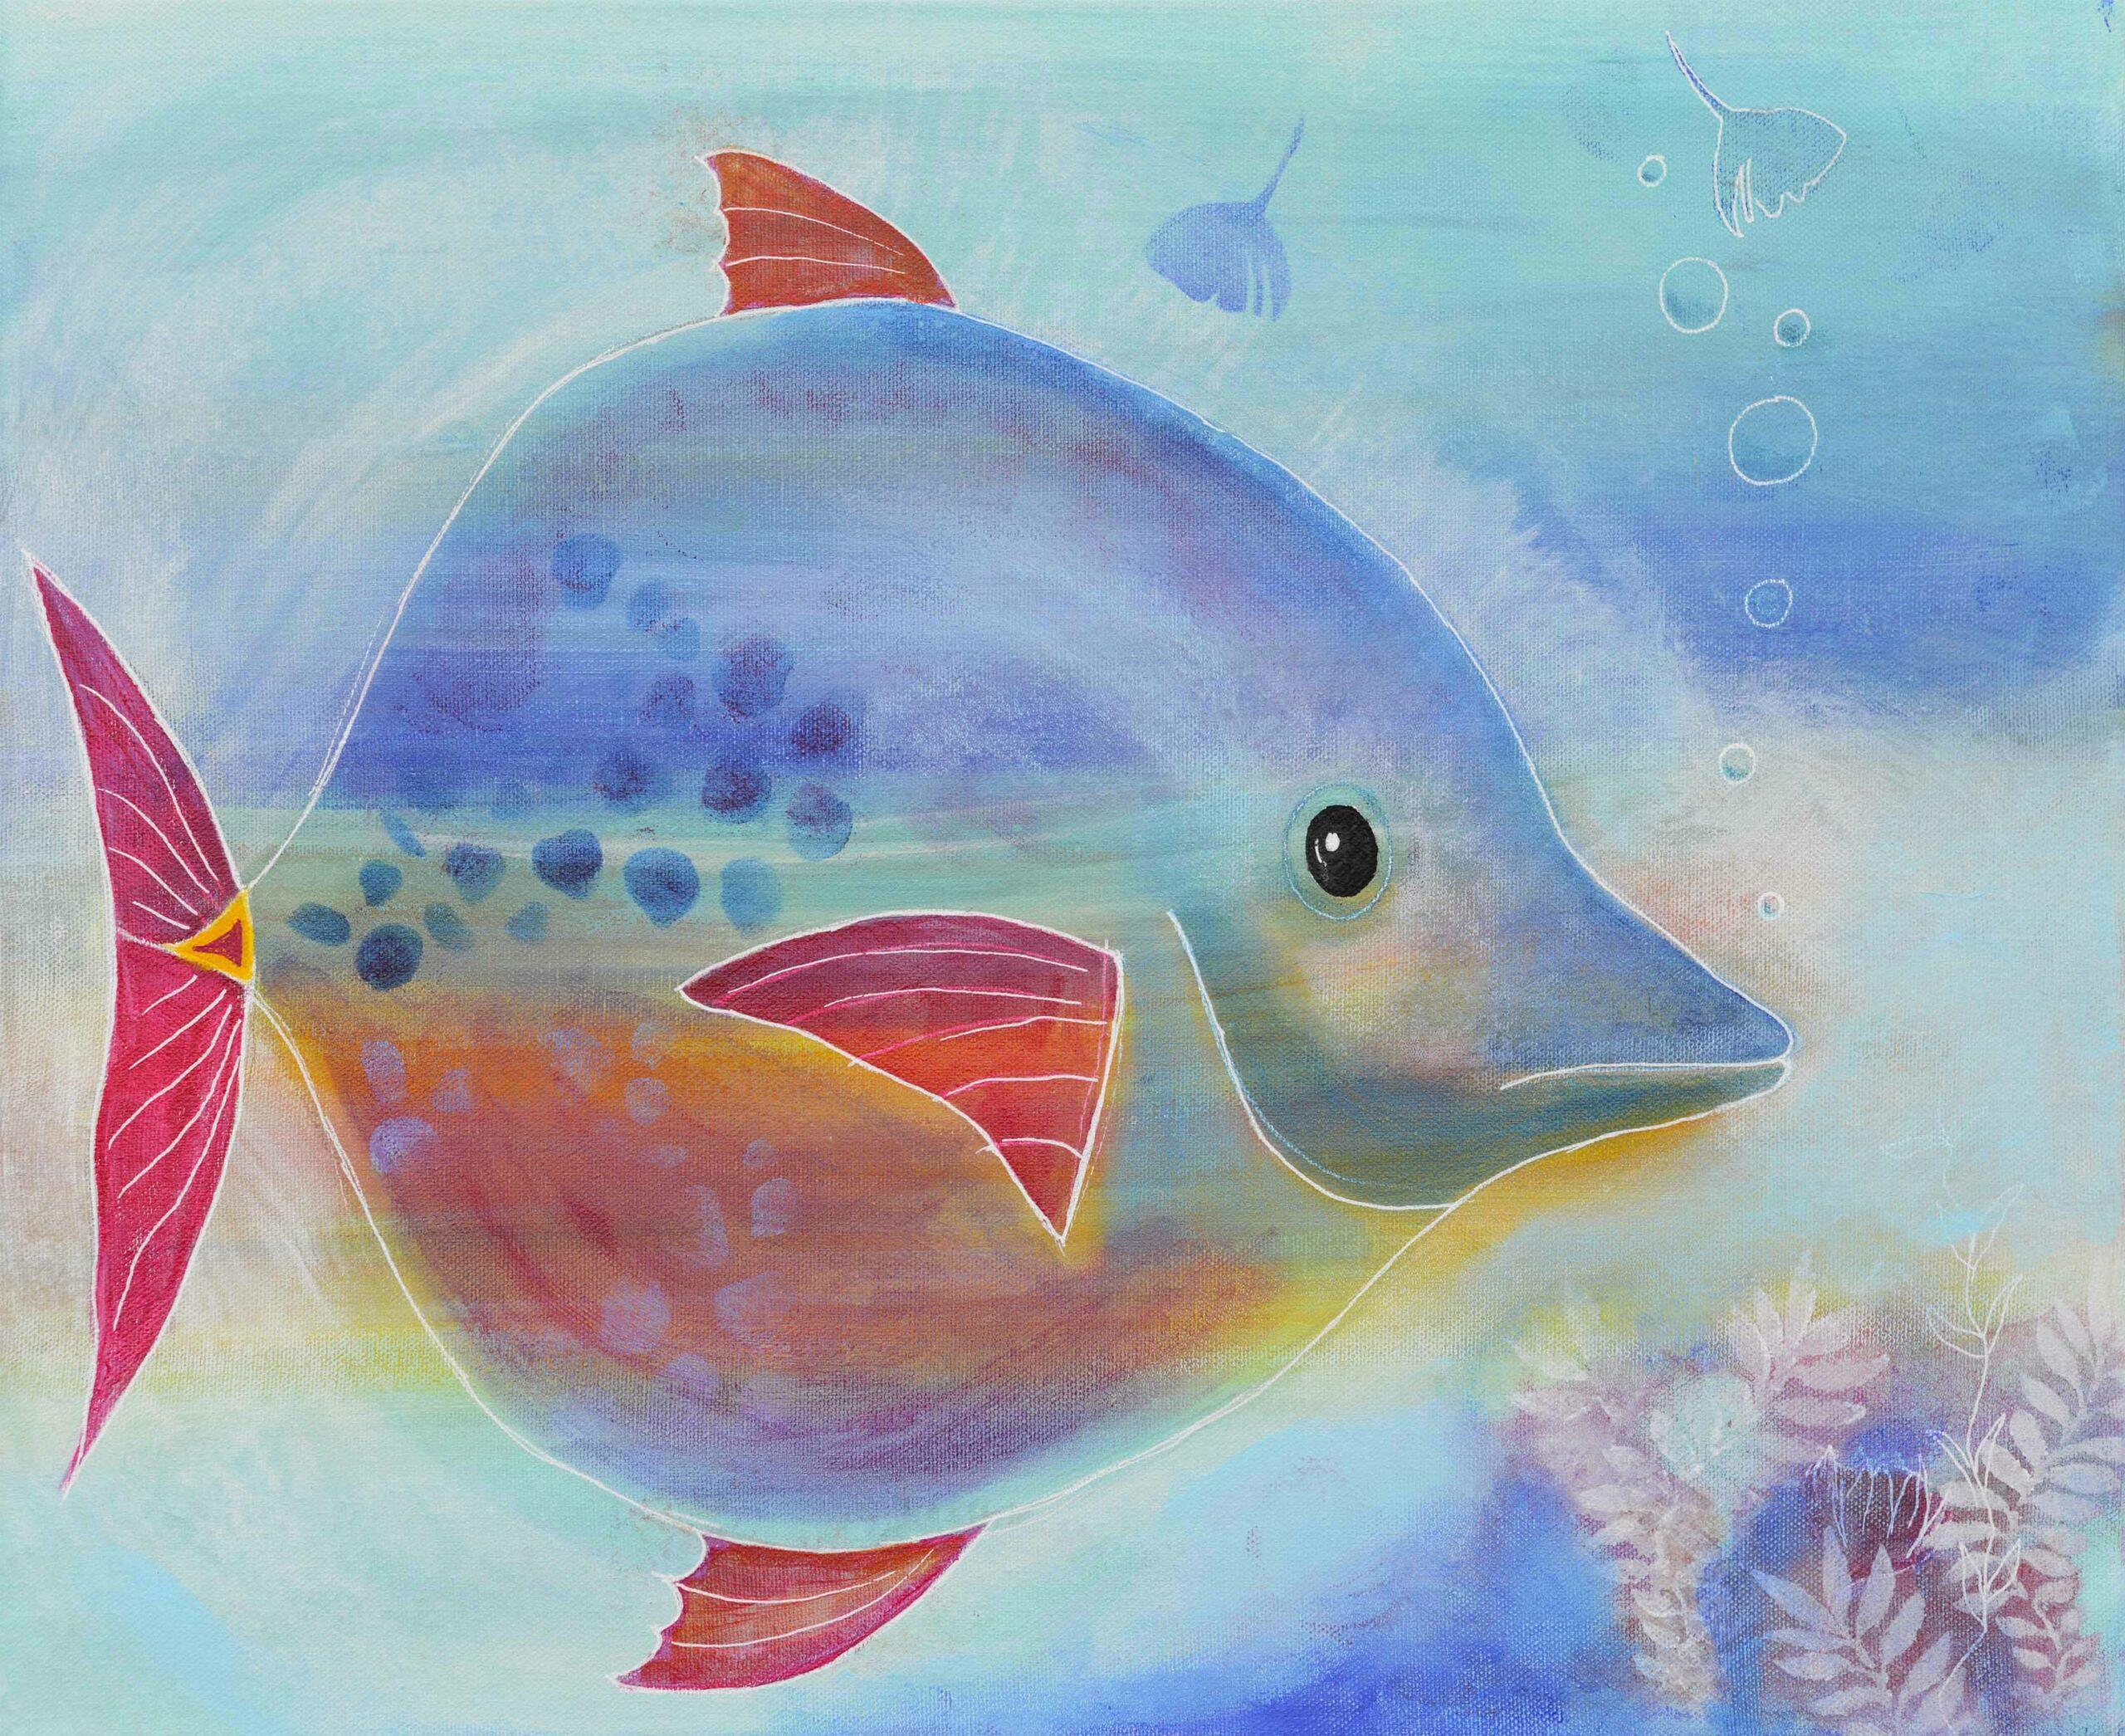 LR_The_Fish_lena_sarnfors_2021